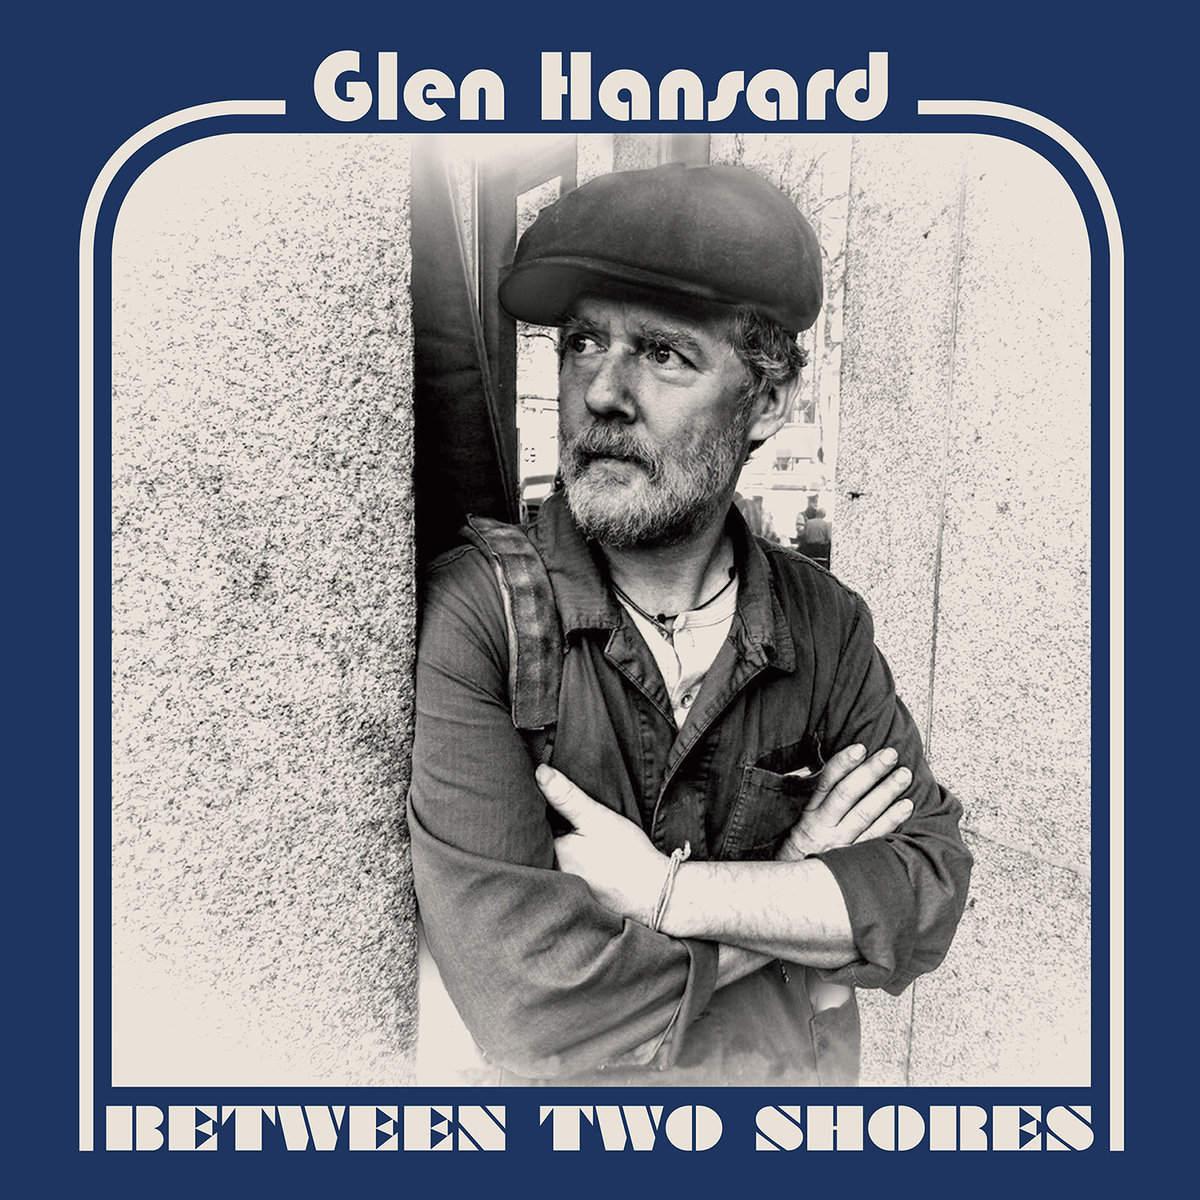 Glen Hansard: Between Two Shores (2018) Book Cover